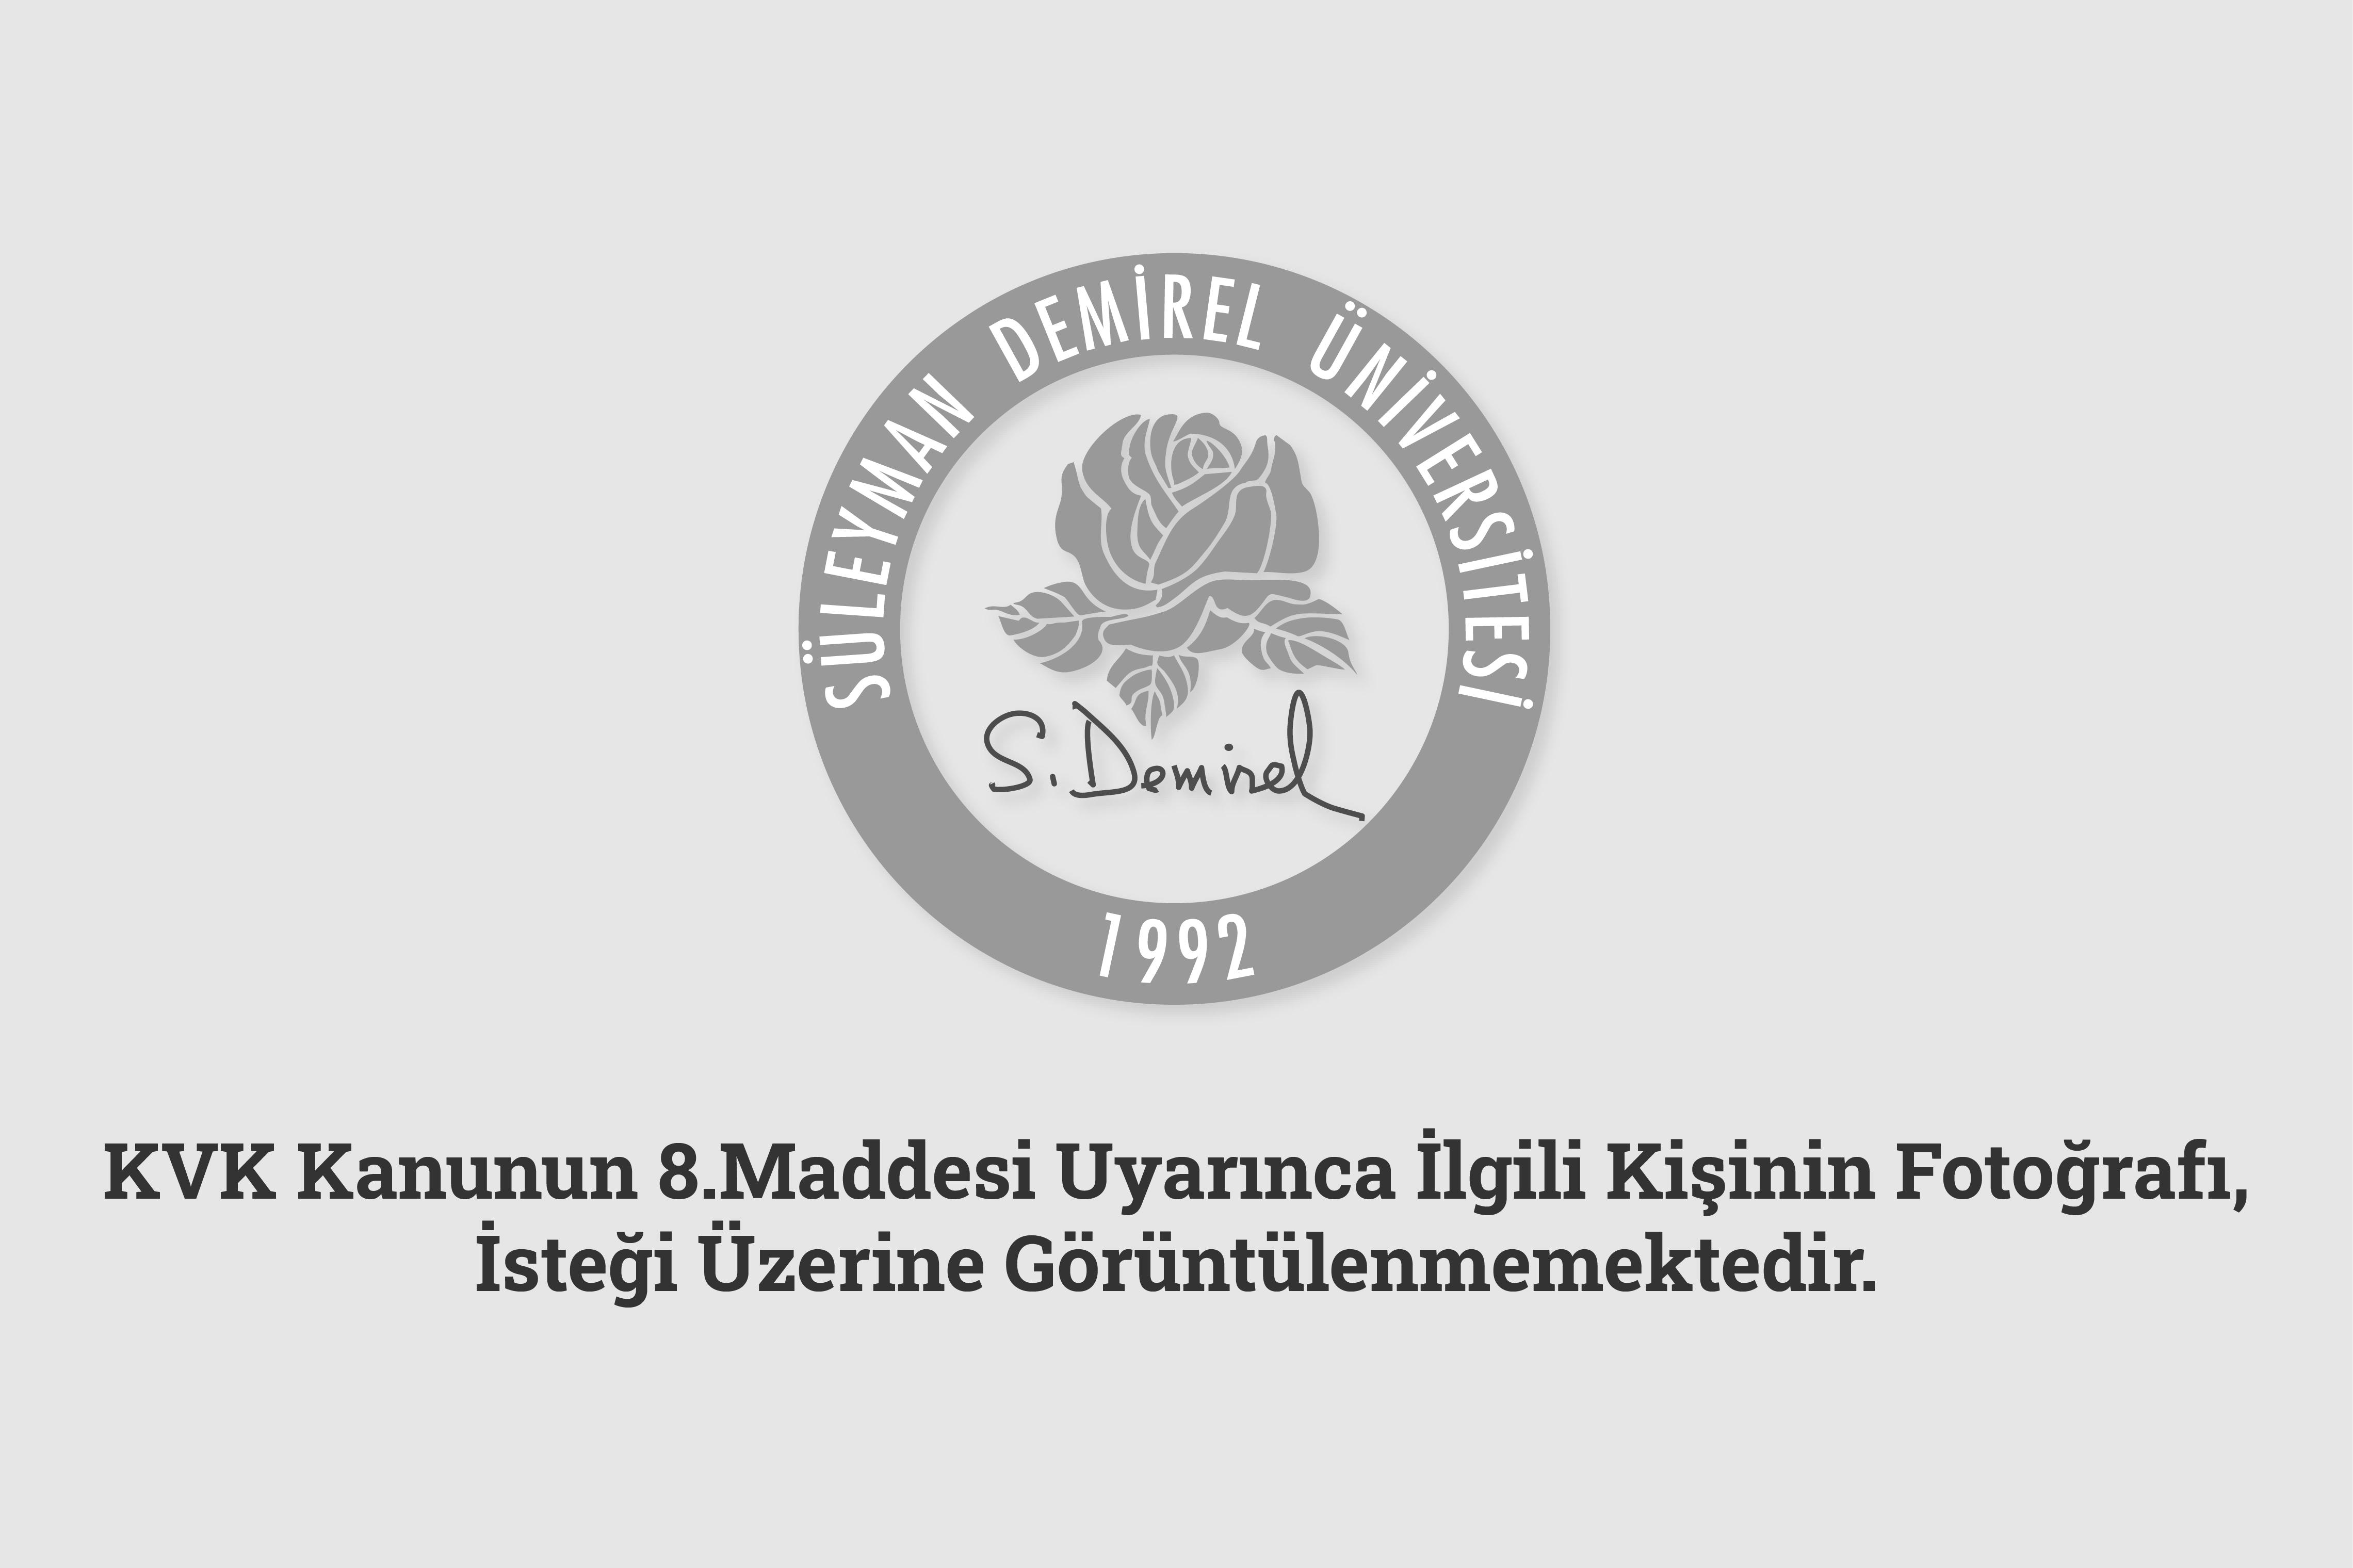 Osman ÇELİK